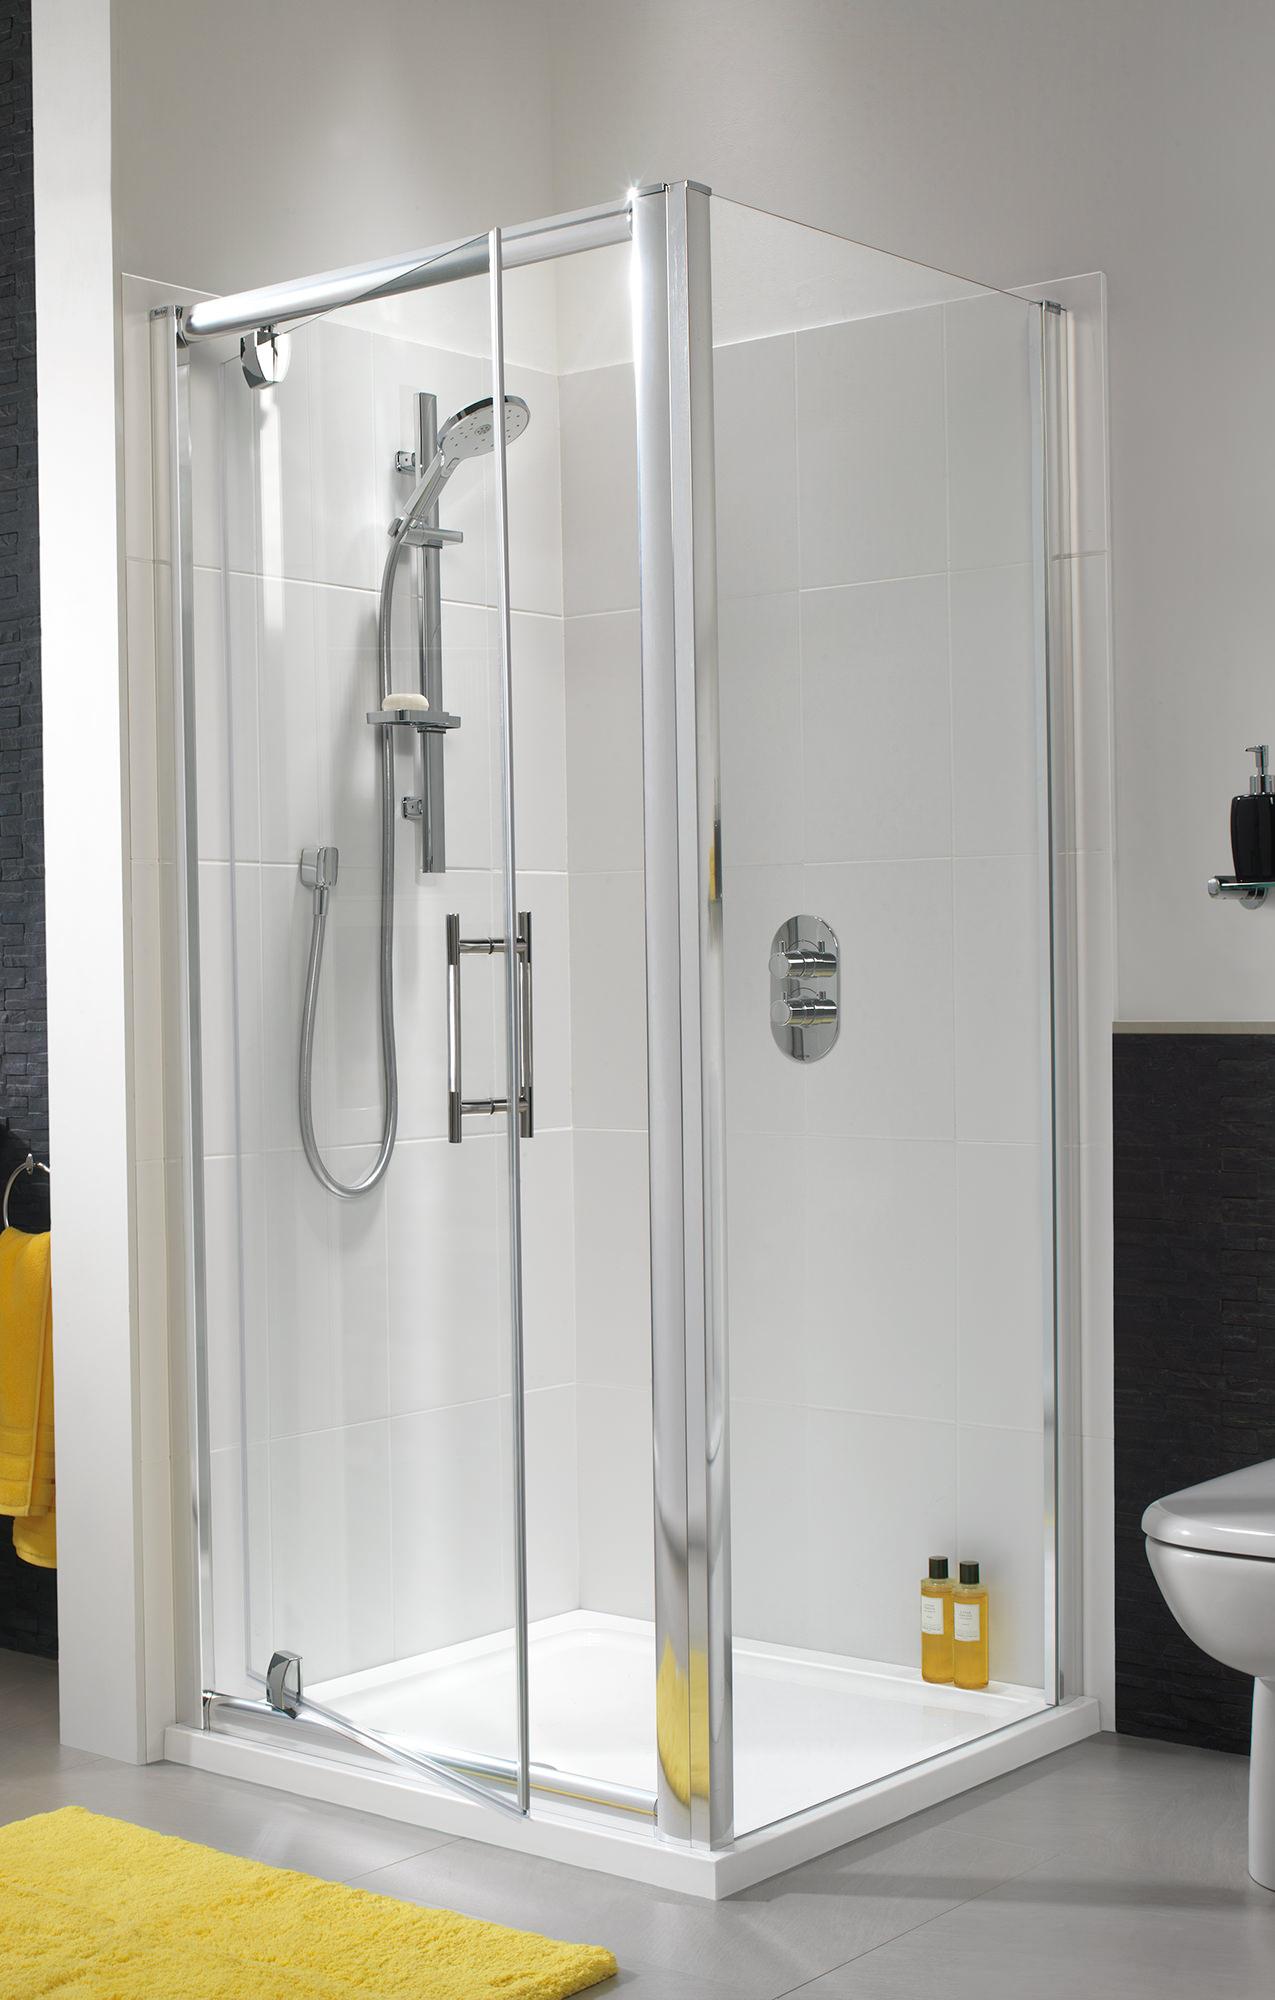 Twyford ES400 800mm Pivot Shower Enclosure Door